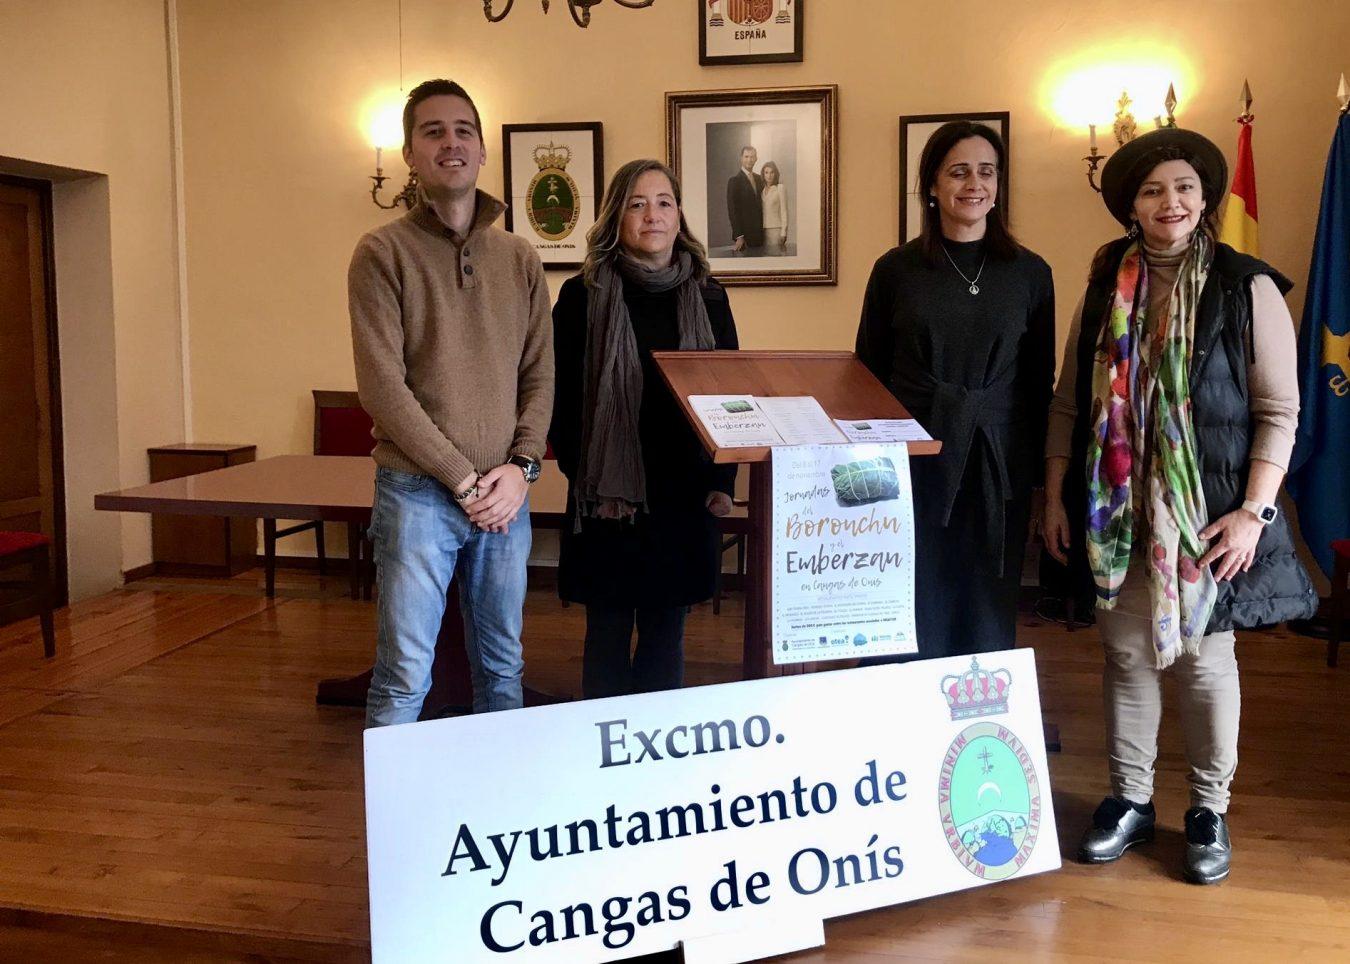 El Boronchu y el Emberzau reinarán en Cangas de Onís hasta el 17 de noviembre